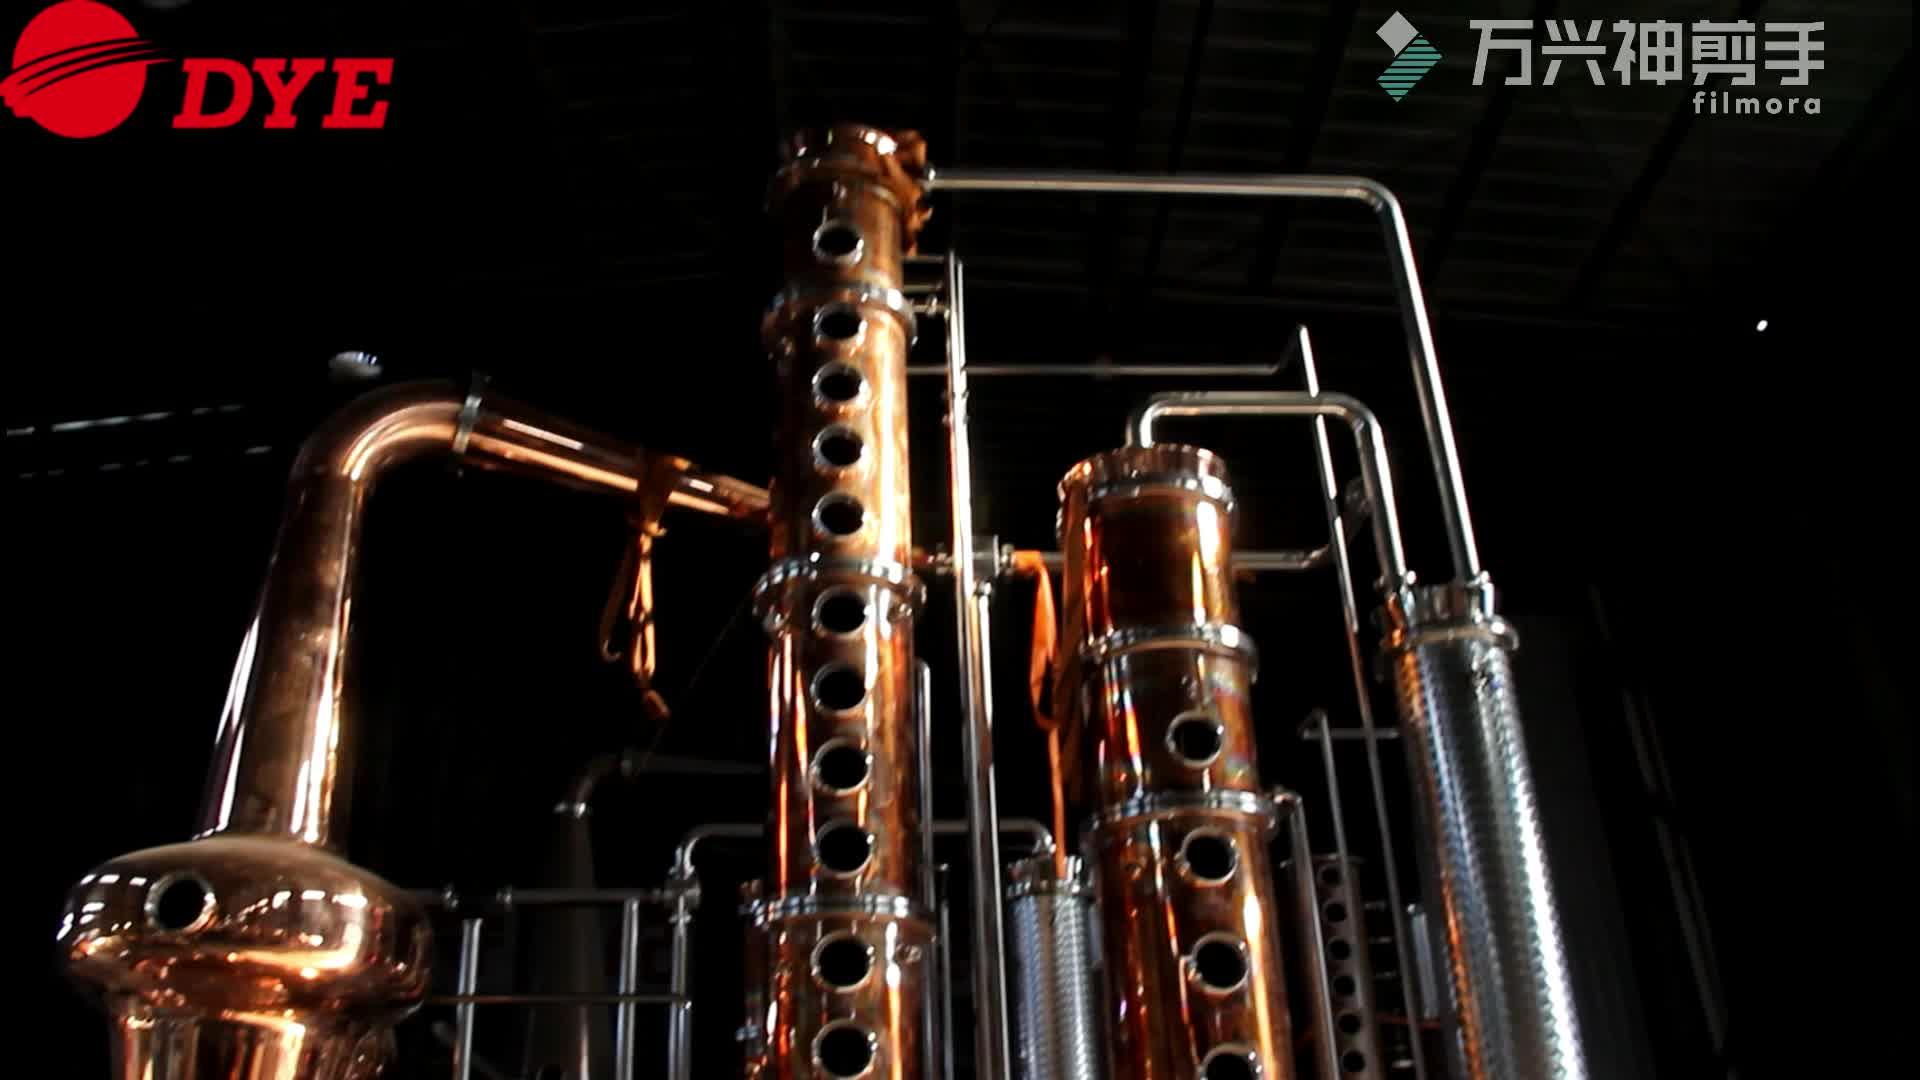 Apparecchi di distillazione di alcol vodka macchina distillery colonna per la vendita